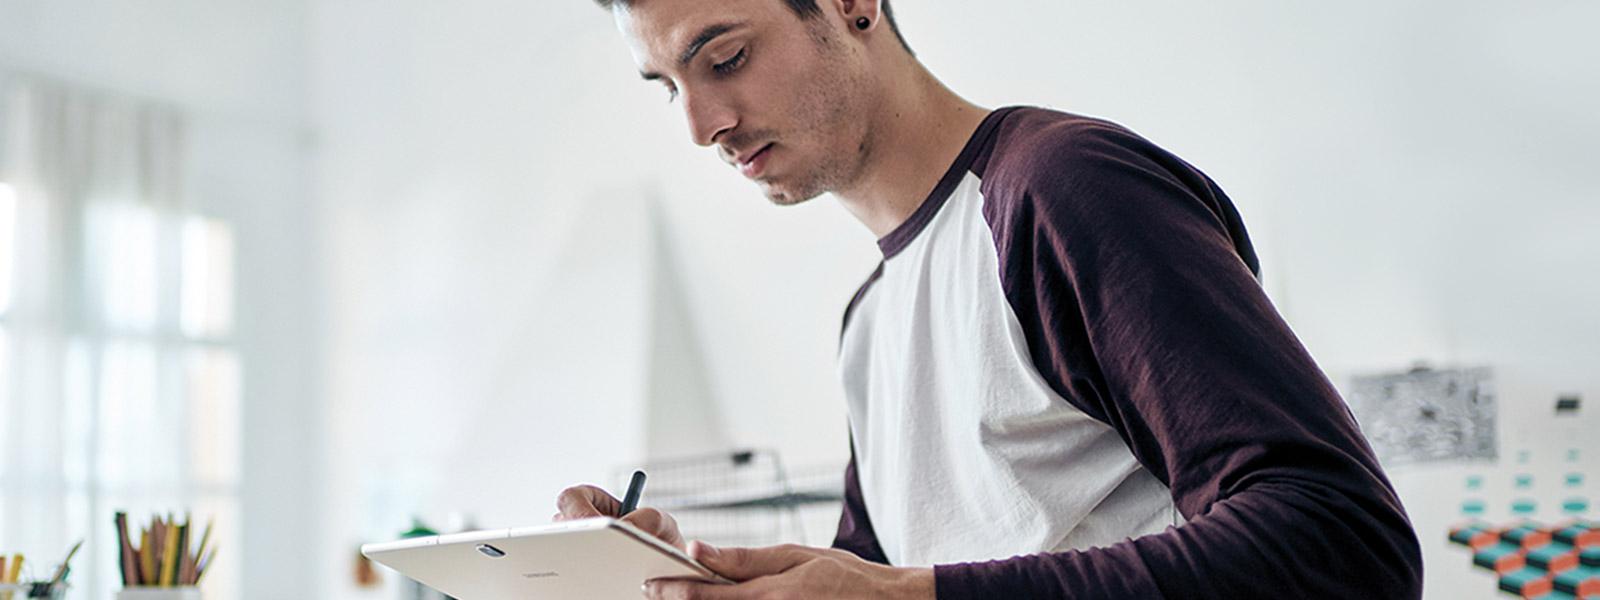 Mann mit Samsung Galaxy TabPro S am Schreibtisch